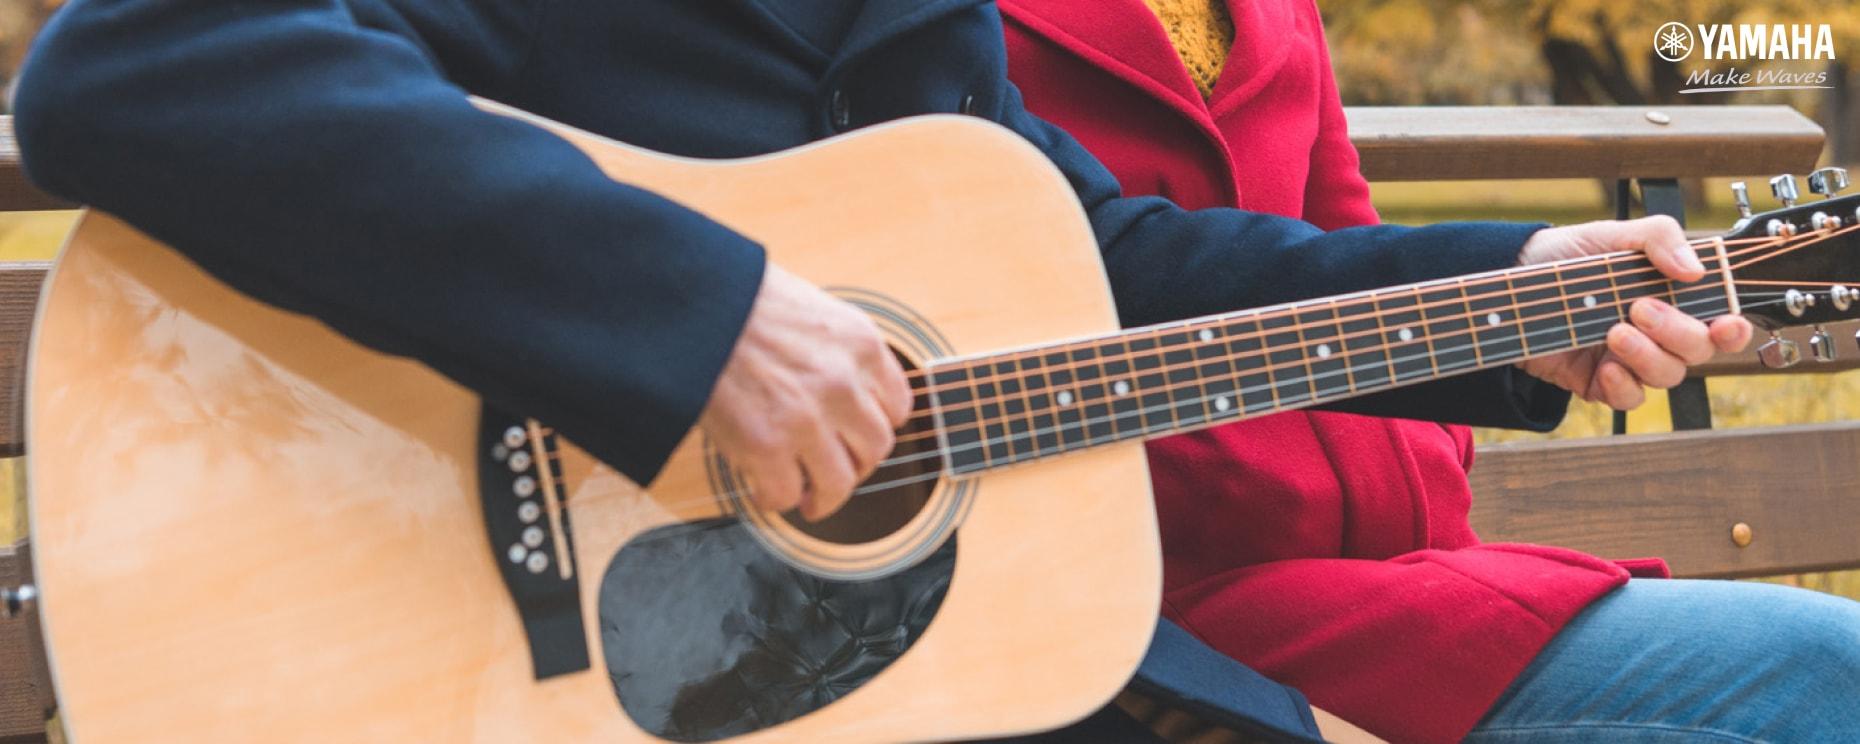 Học guitar mất bao lâu để đánh được kiểu yêu thích? | Yamaha